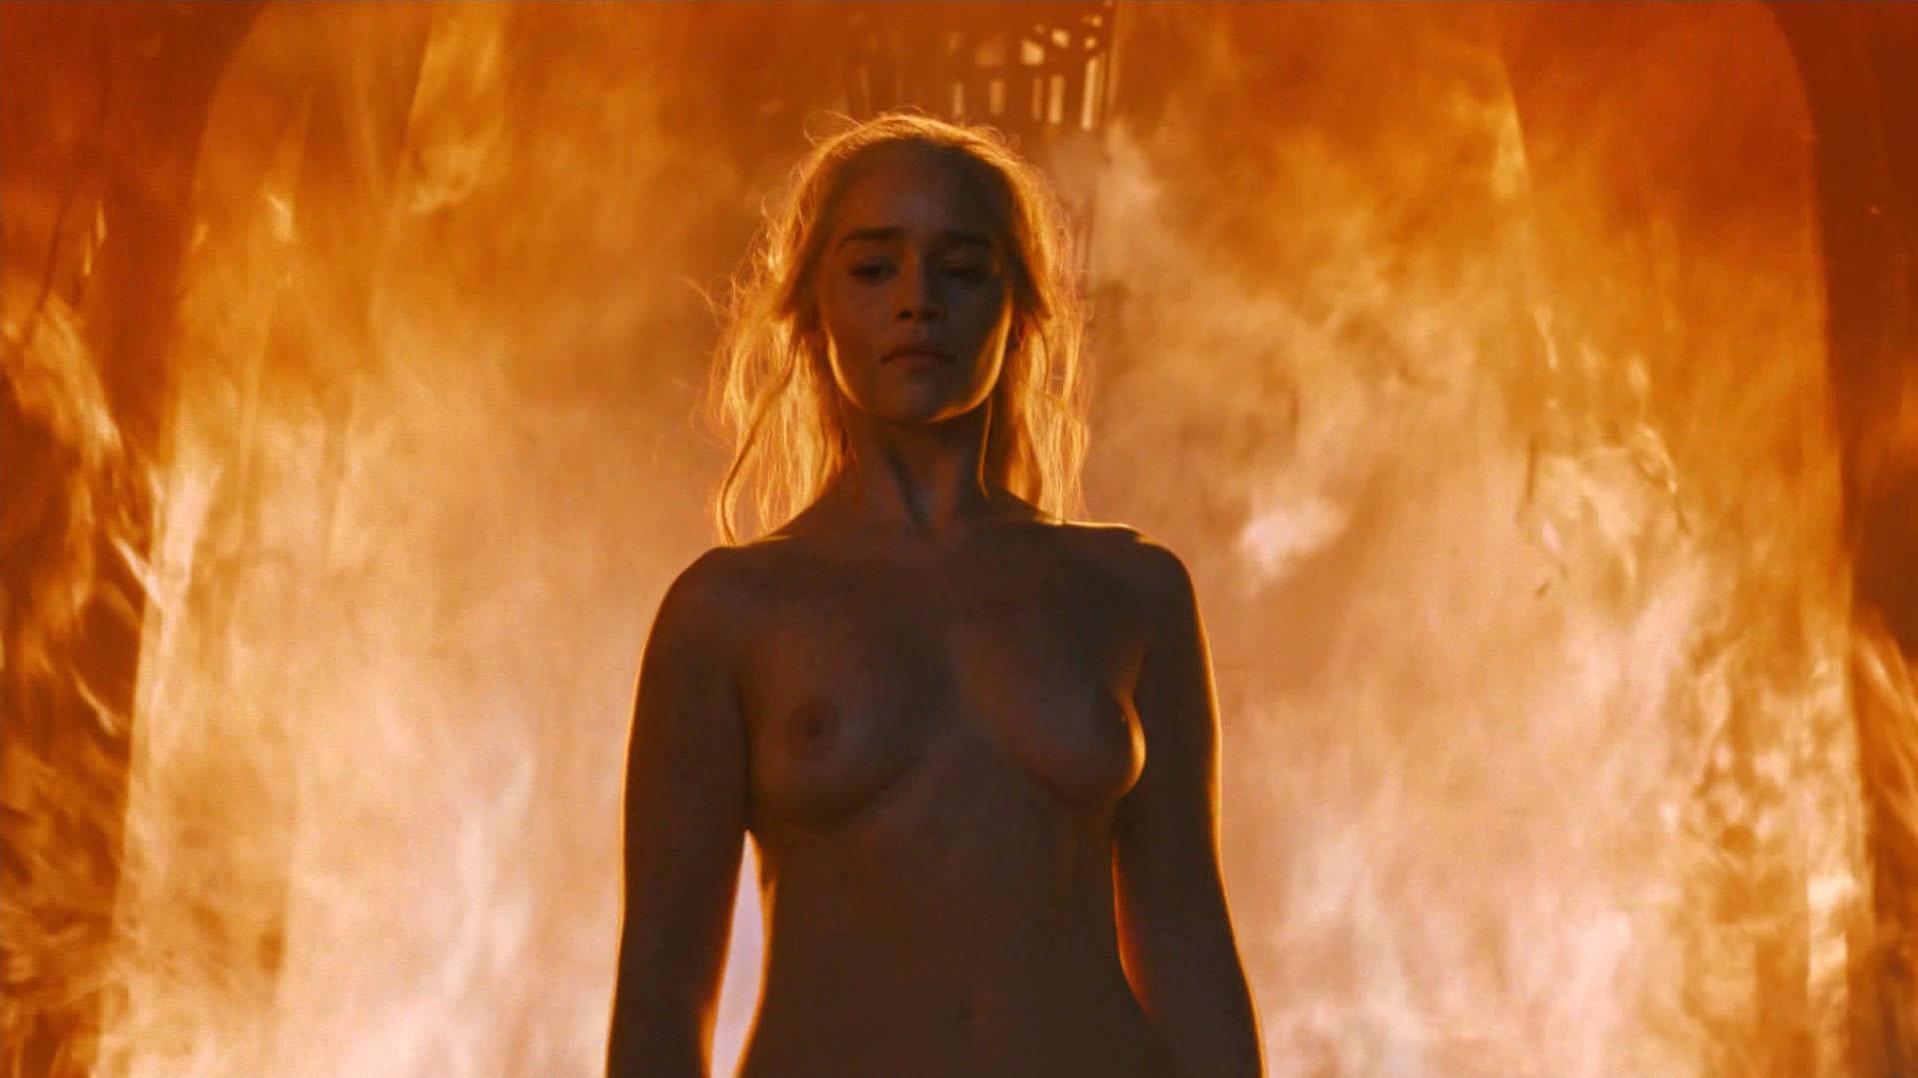 Emilia Clarke nude - Game of Thrones s06e04 (2016)